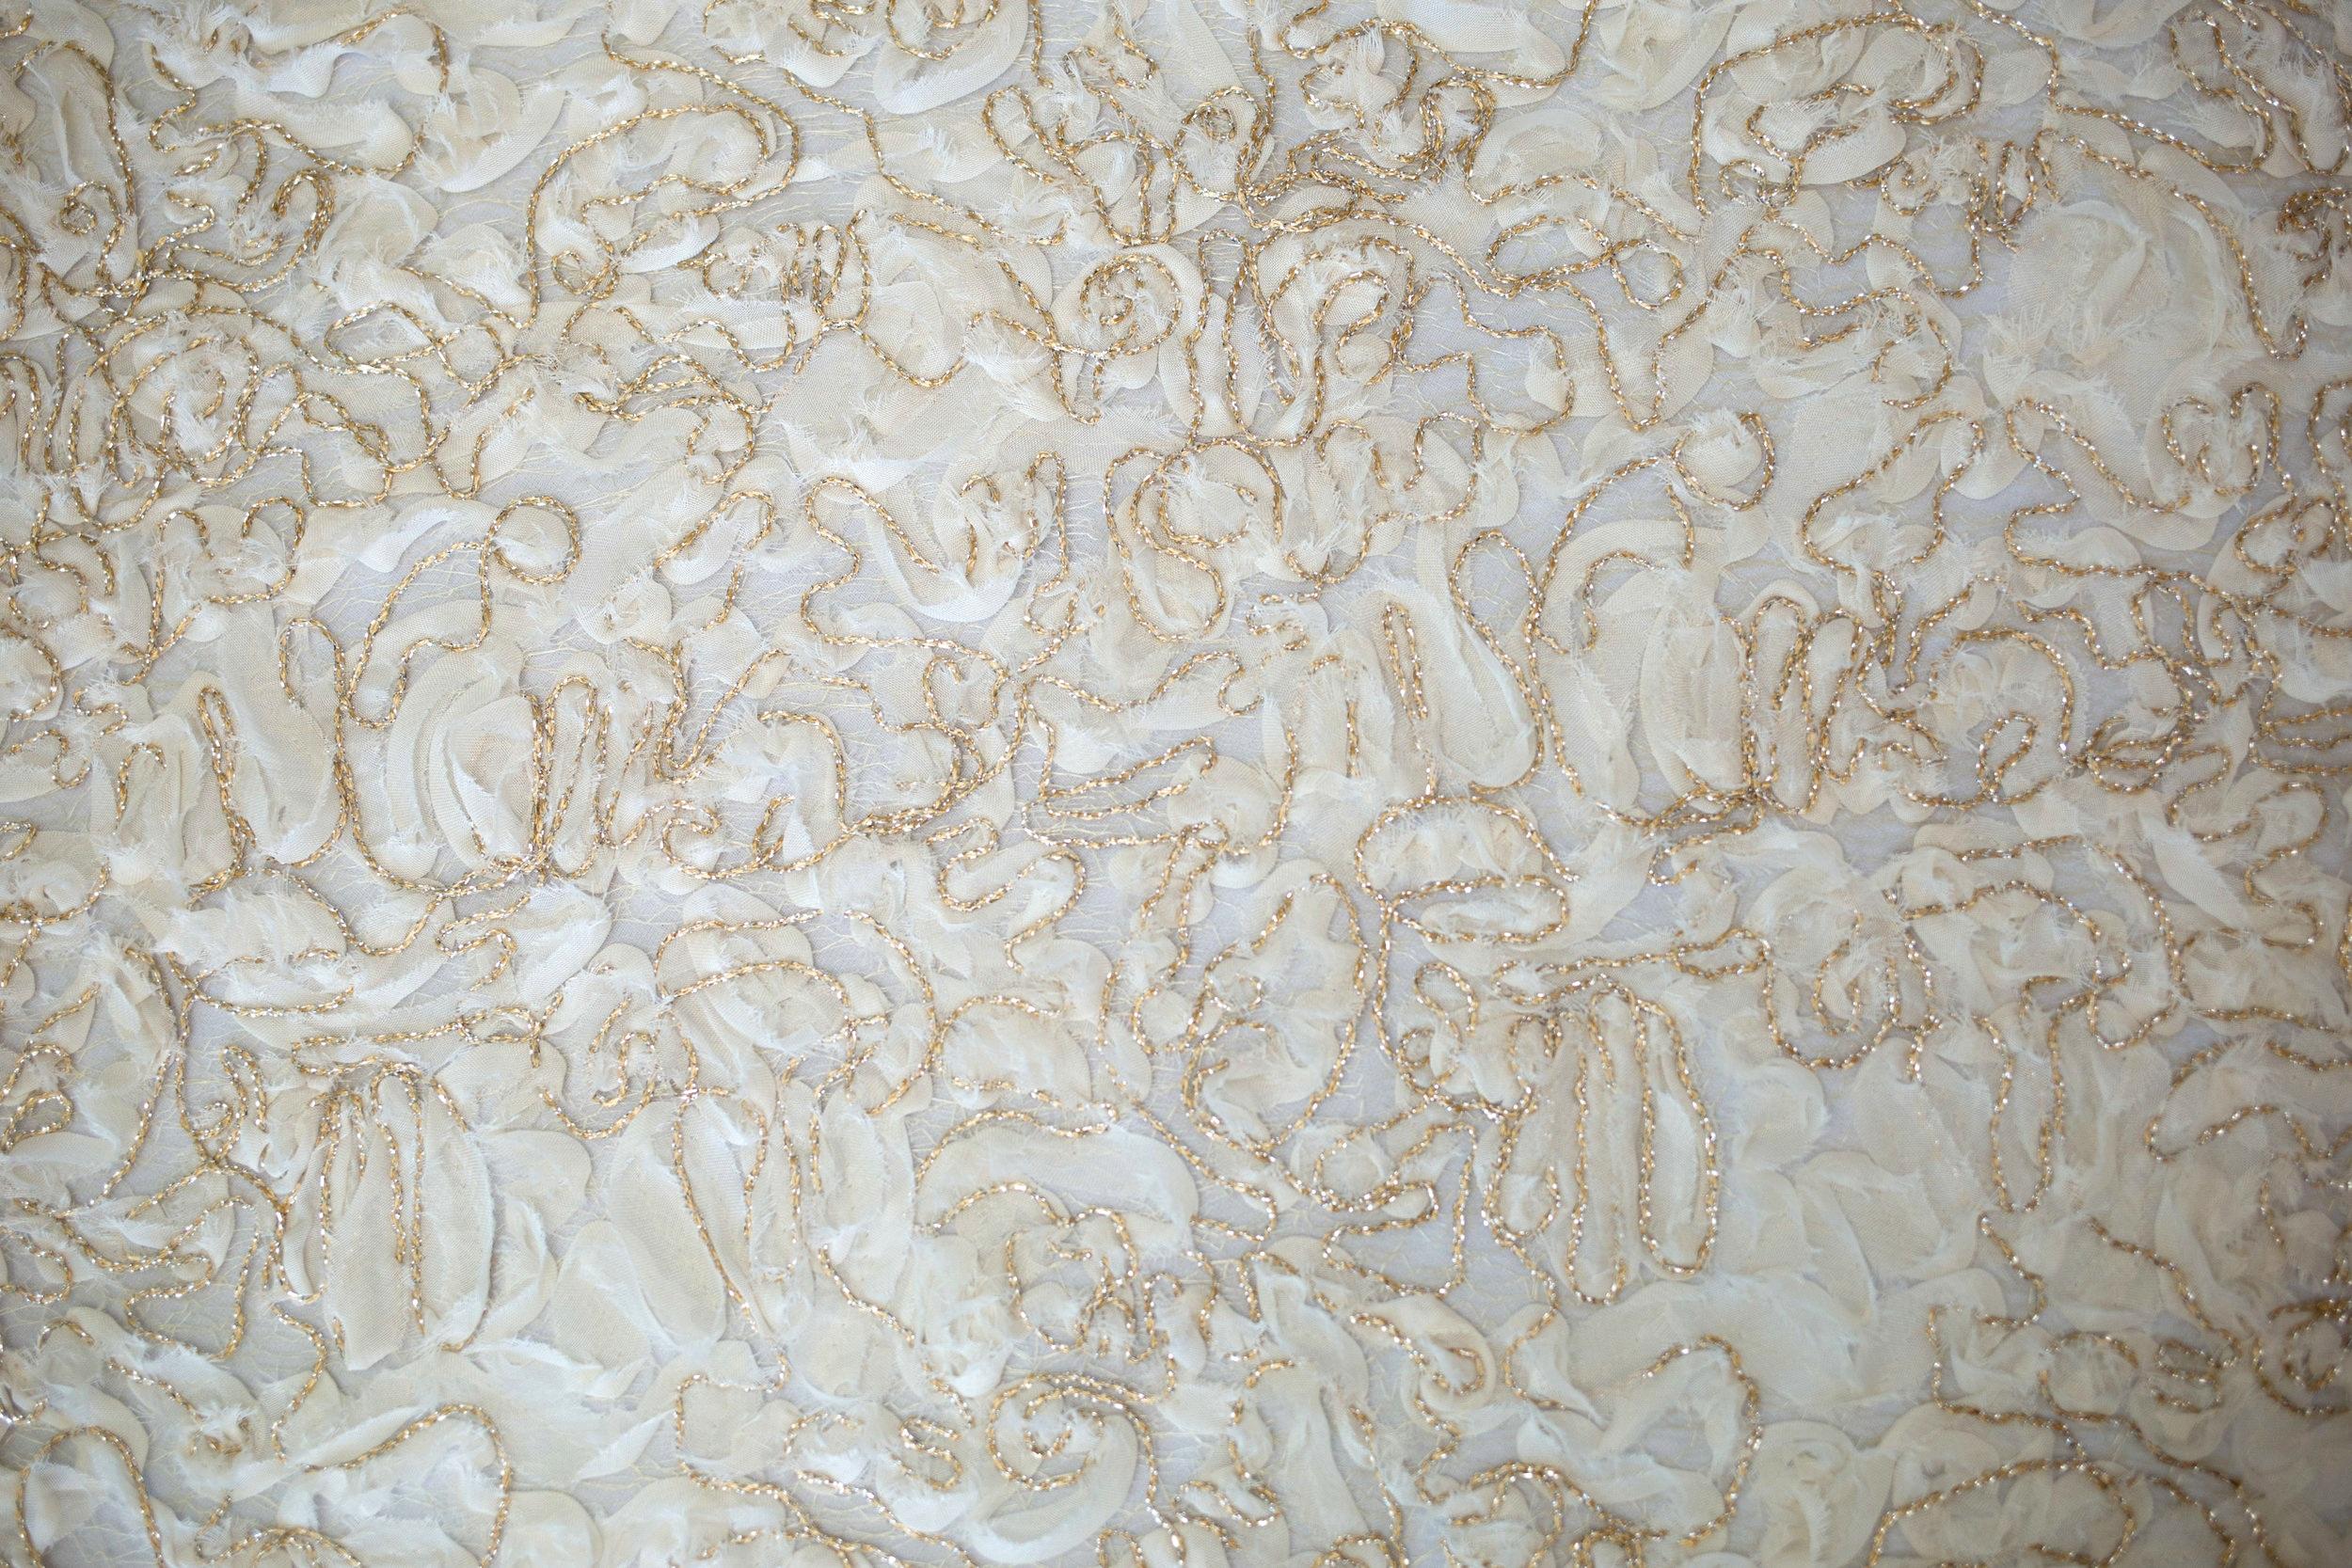 IMG_4915.jpg tousled lace .jpg